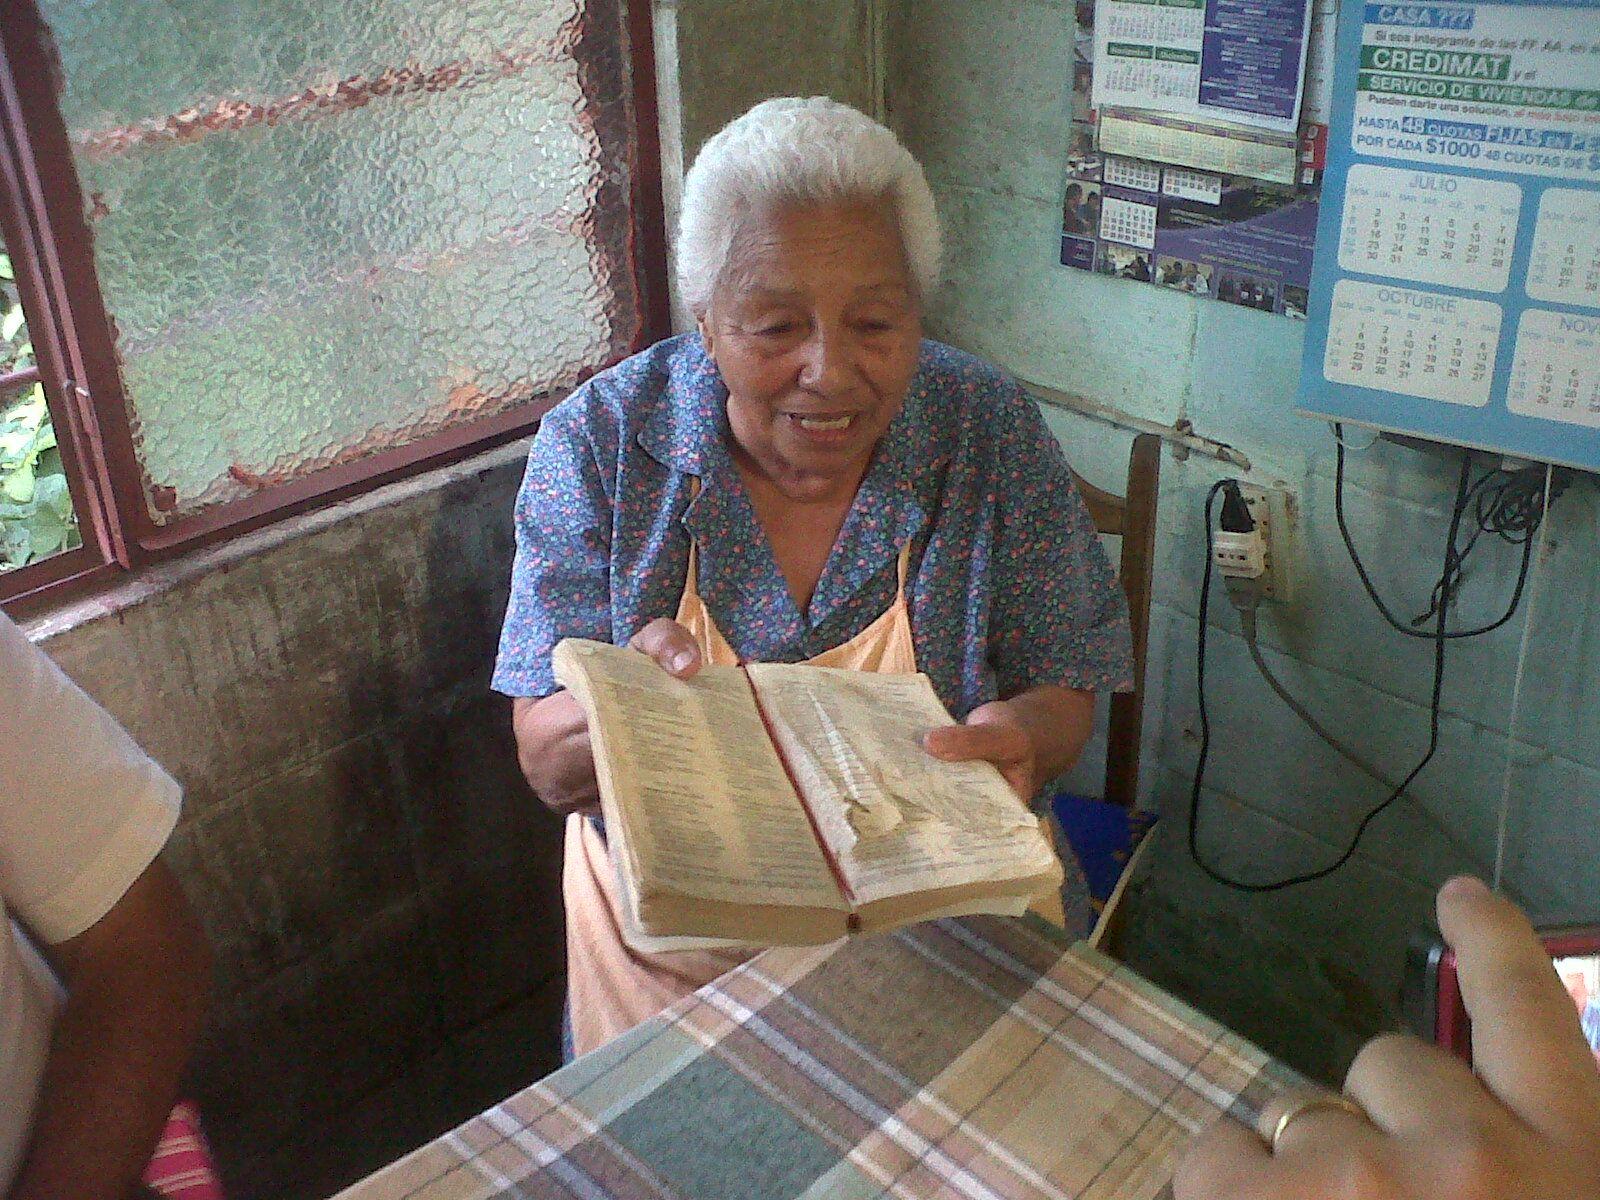 Ilma e a velha Bíblia que foi decisiva em sua vida